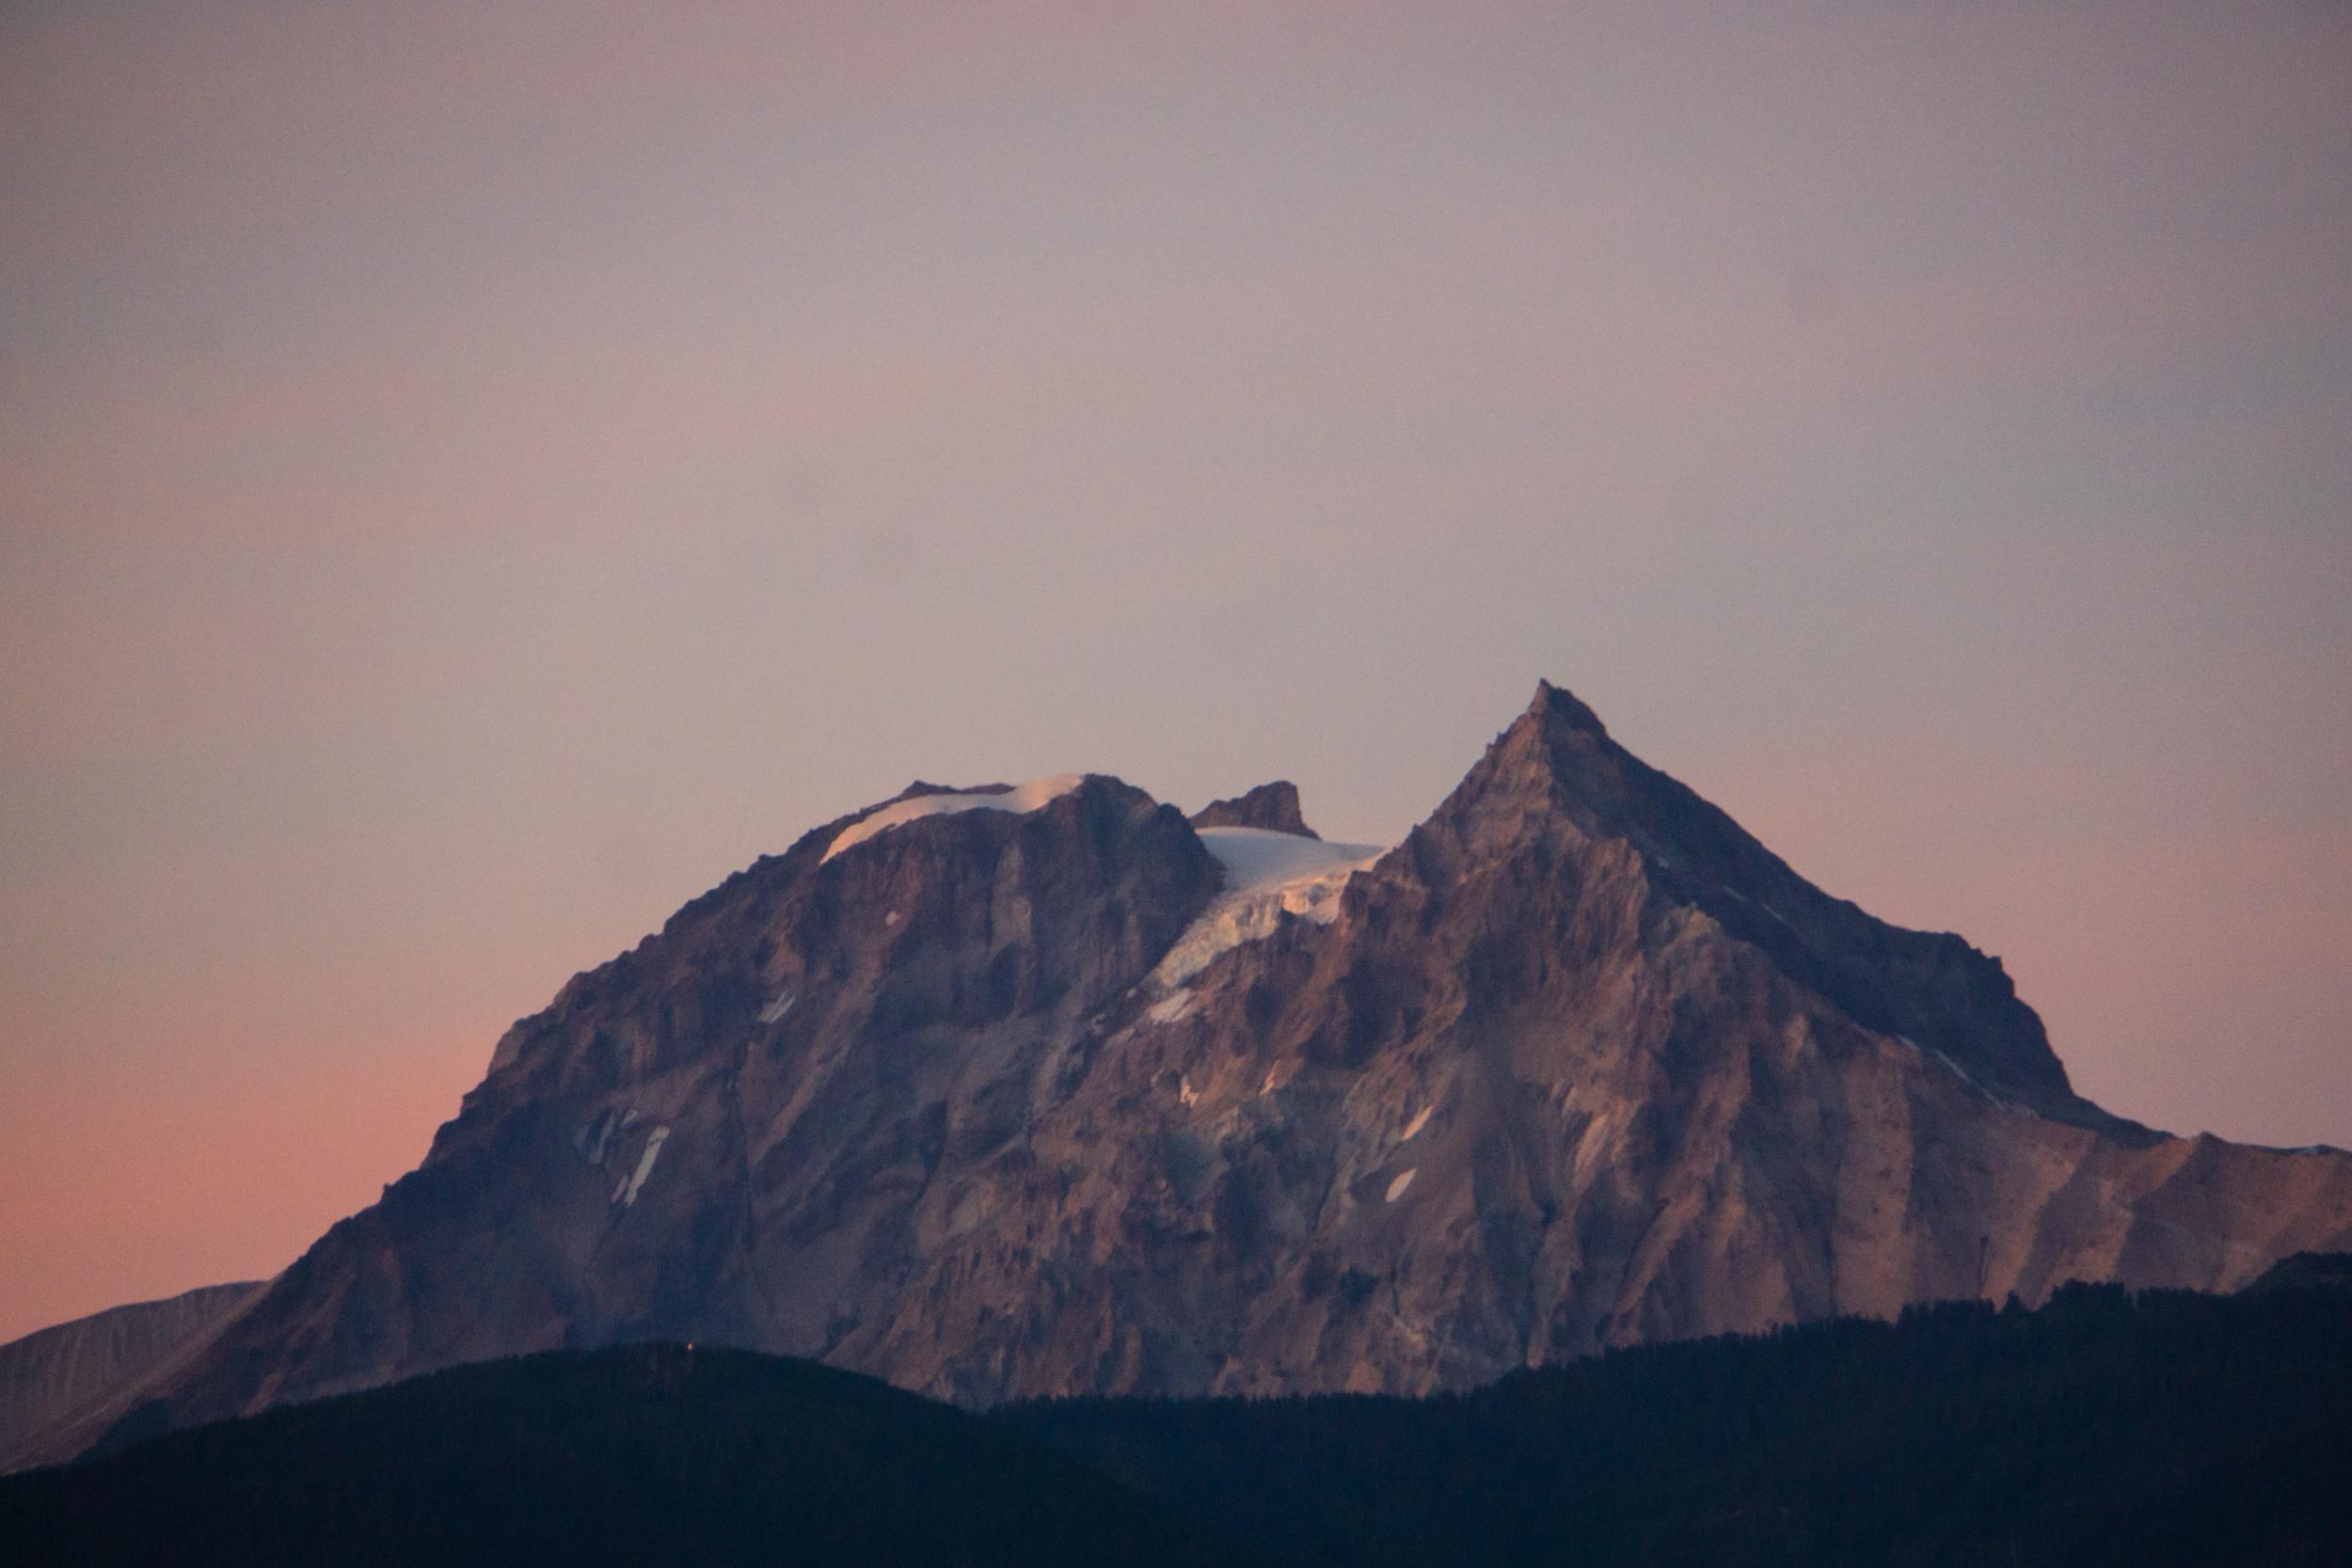 Mt. Girabaldi